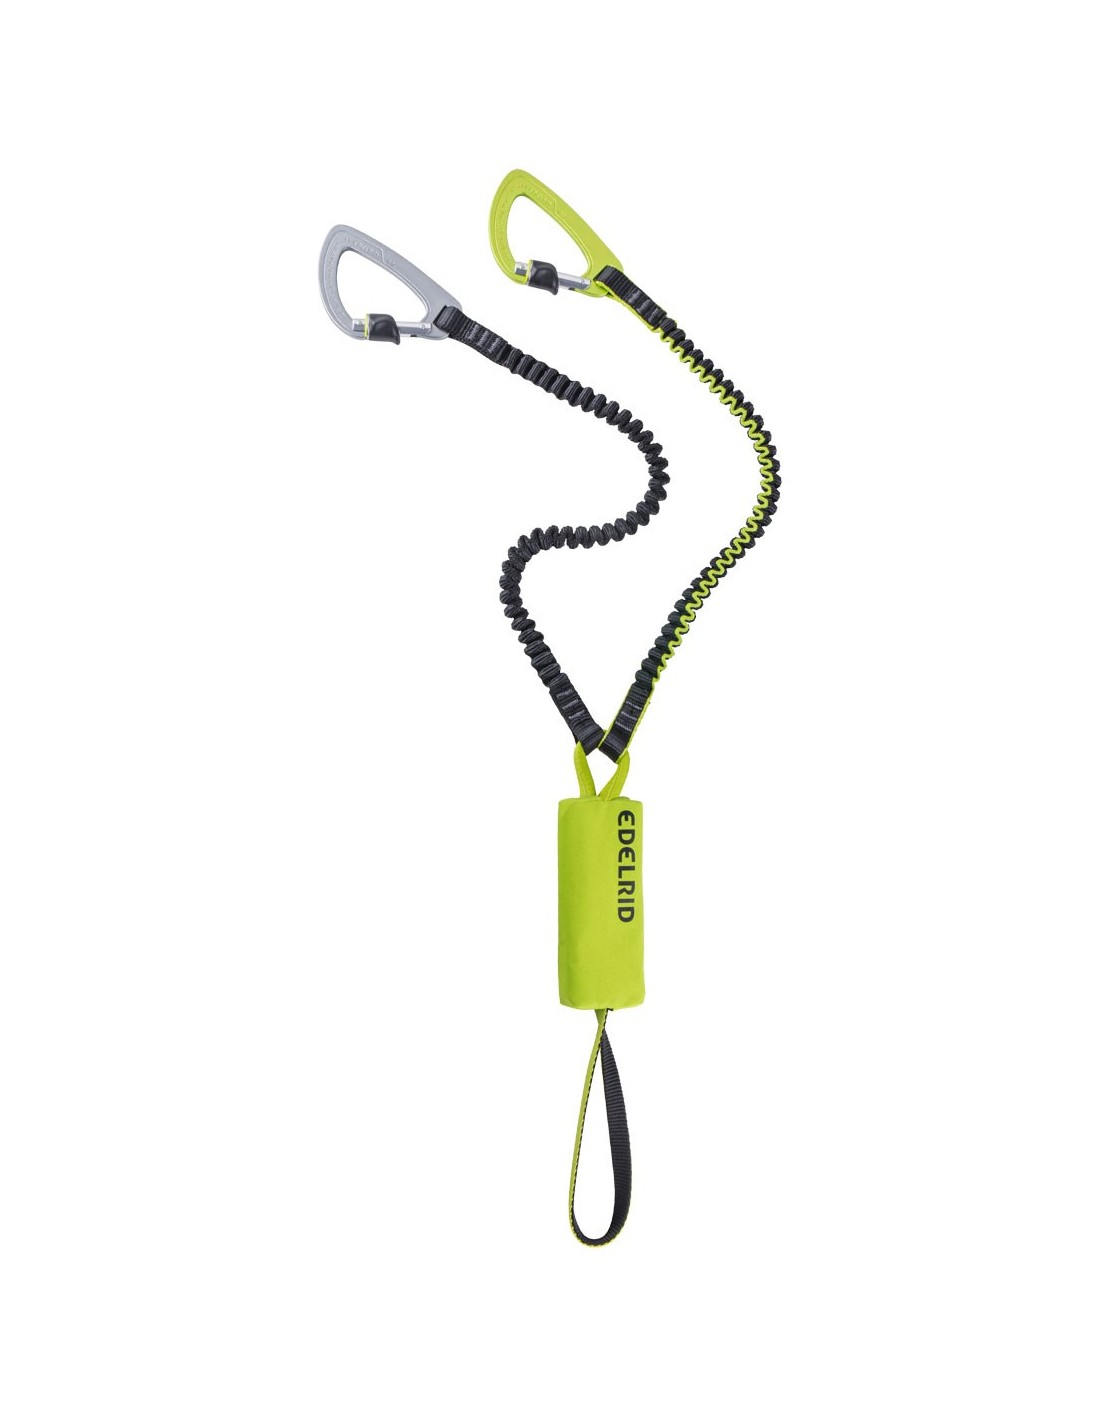 Edelrid Klettersteigset Cable Kit Ultralite 5.0 Via Ferrata Mechanismus - Kein M